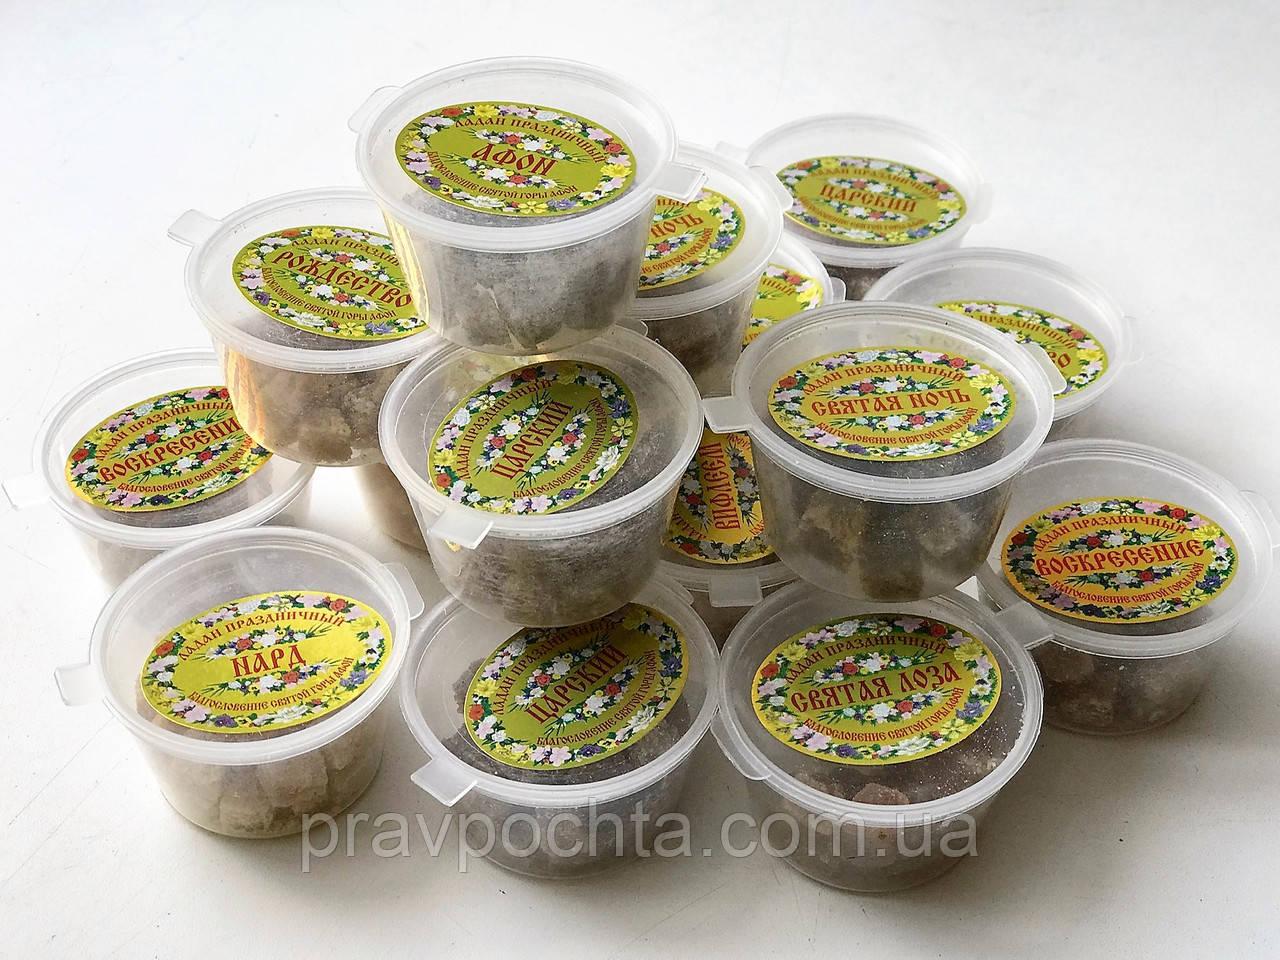 Ладан афонский праздничный, 10 грамм -  в ассортименте